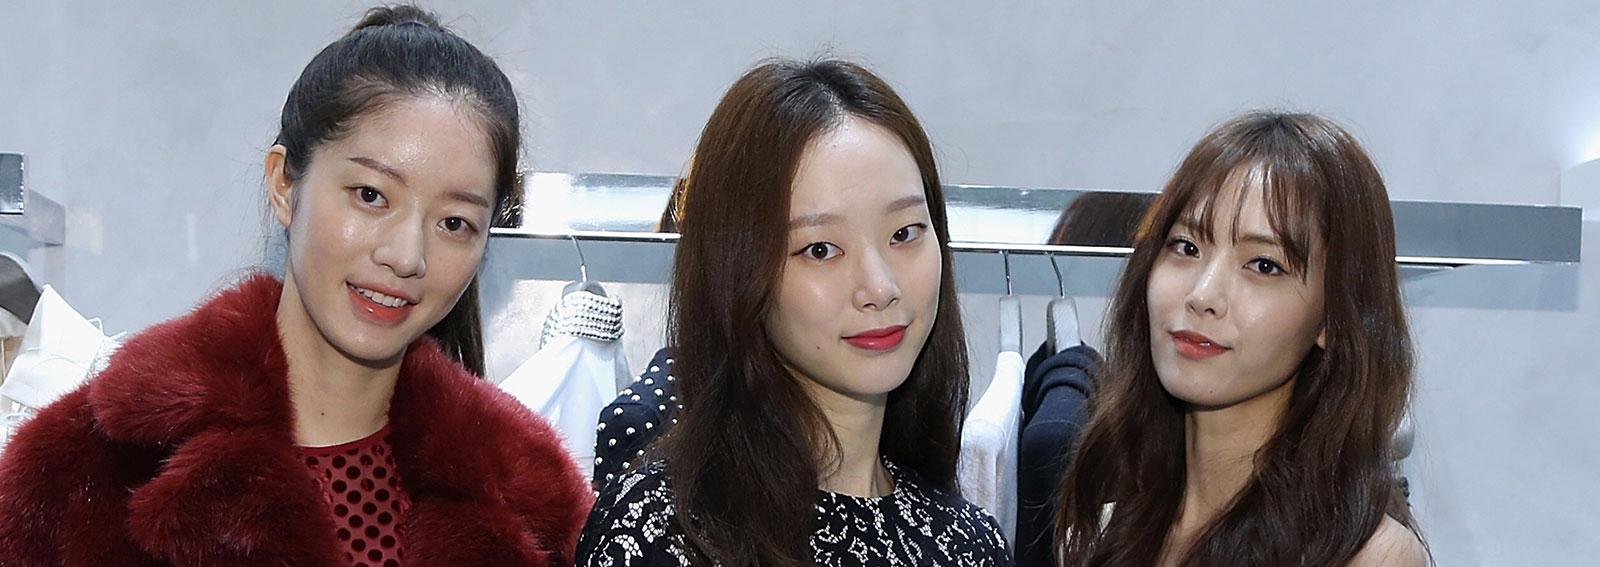 rossetto-coreano-desktop